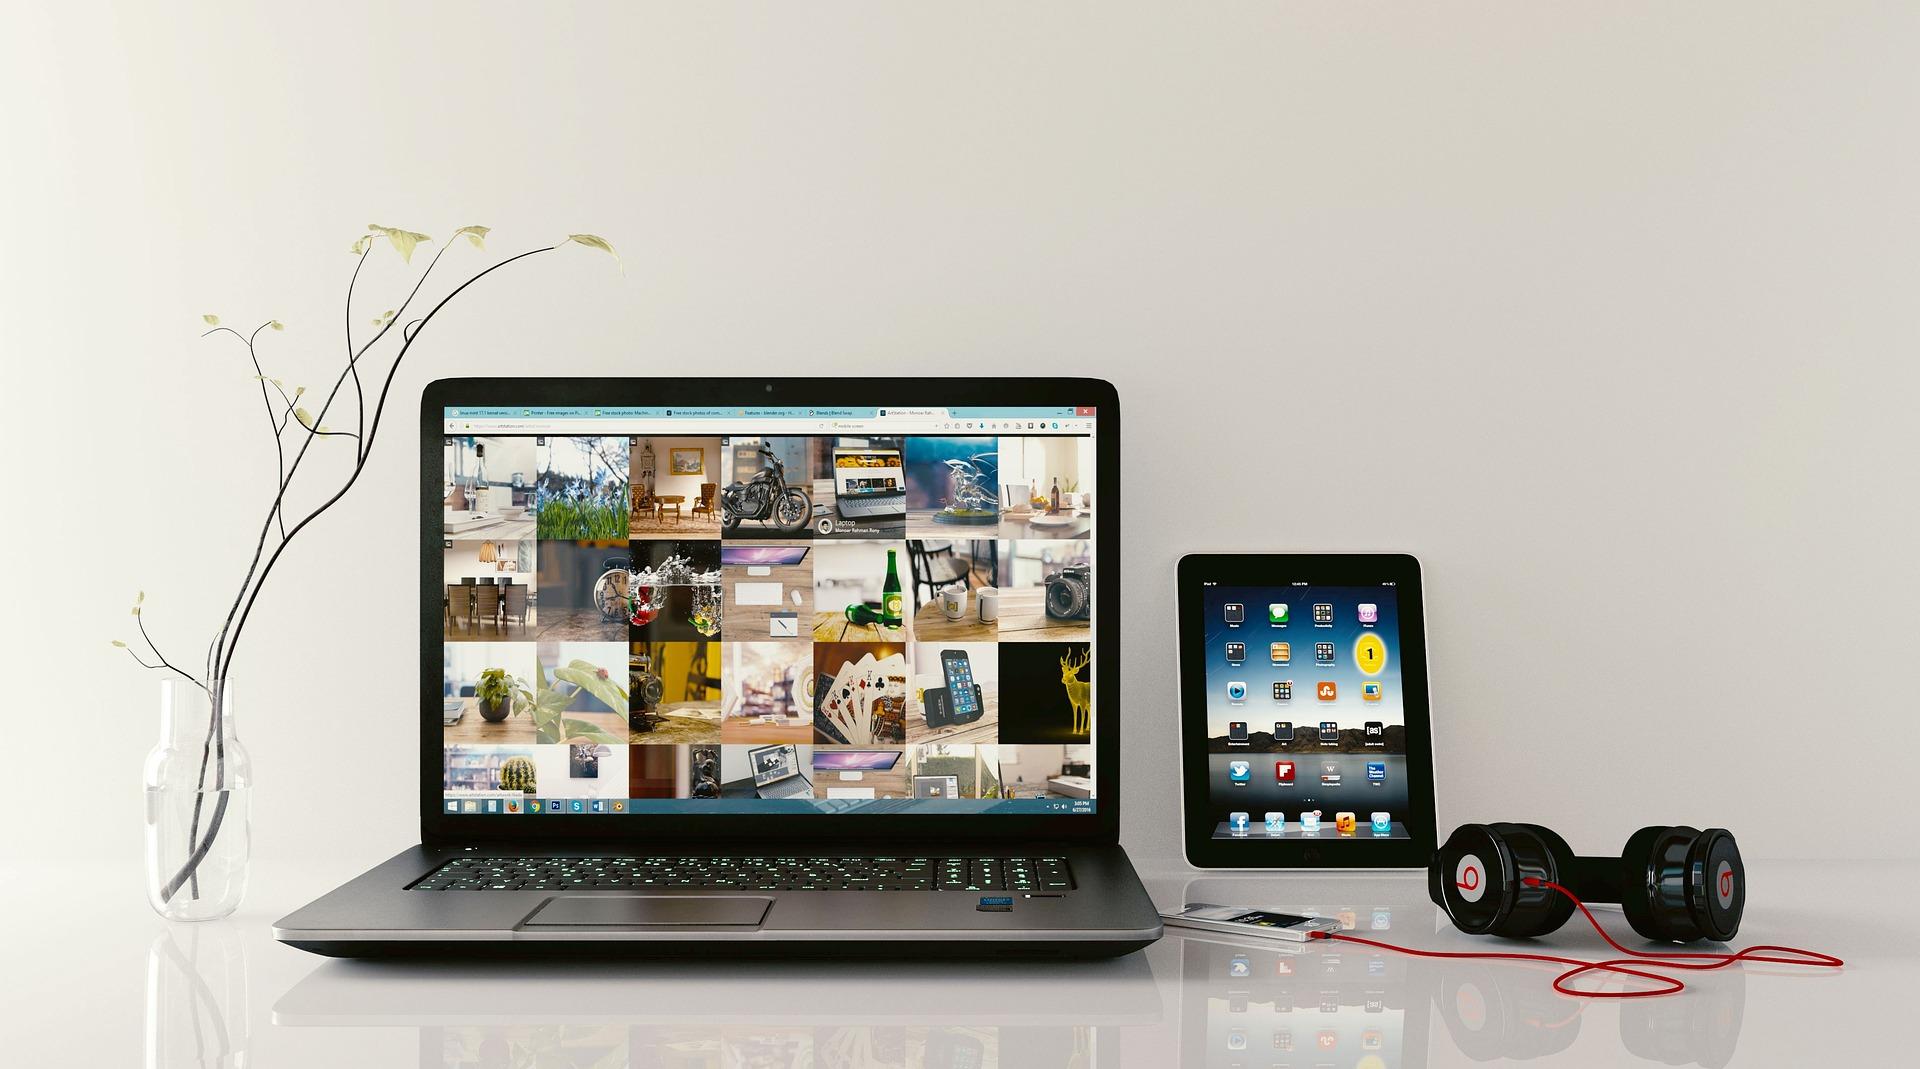 Best Laptop for Under 300 Bucks